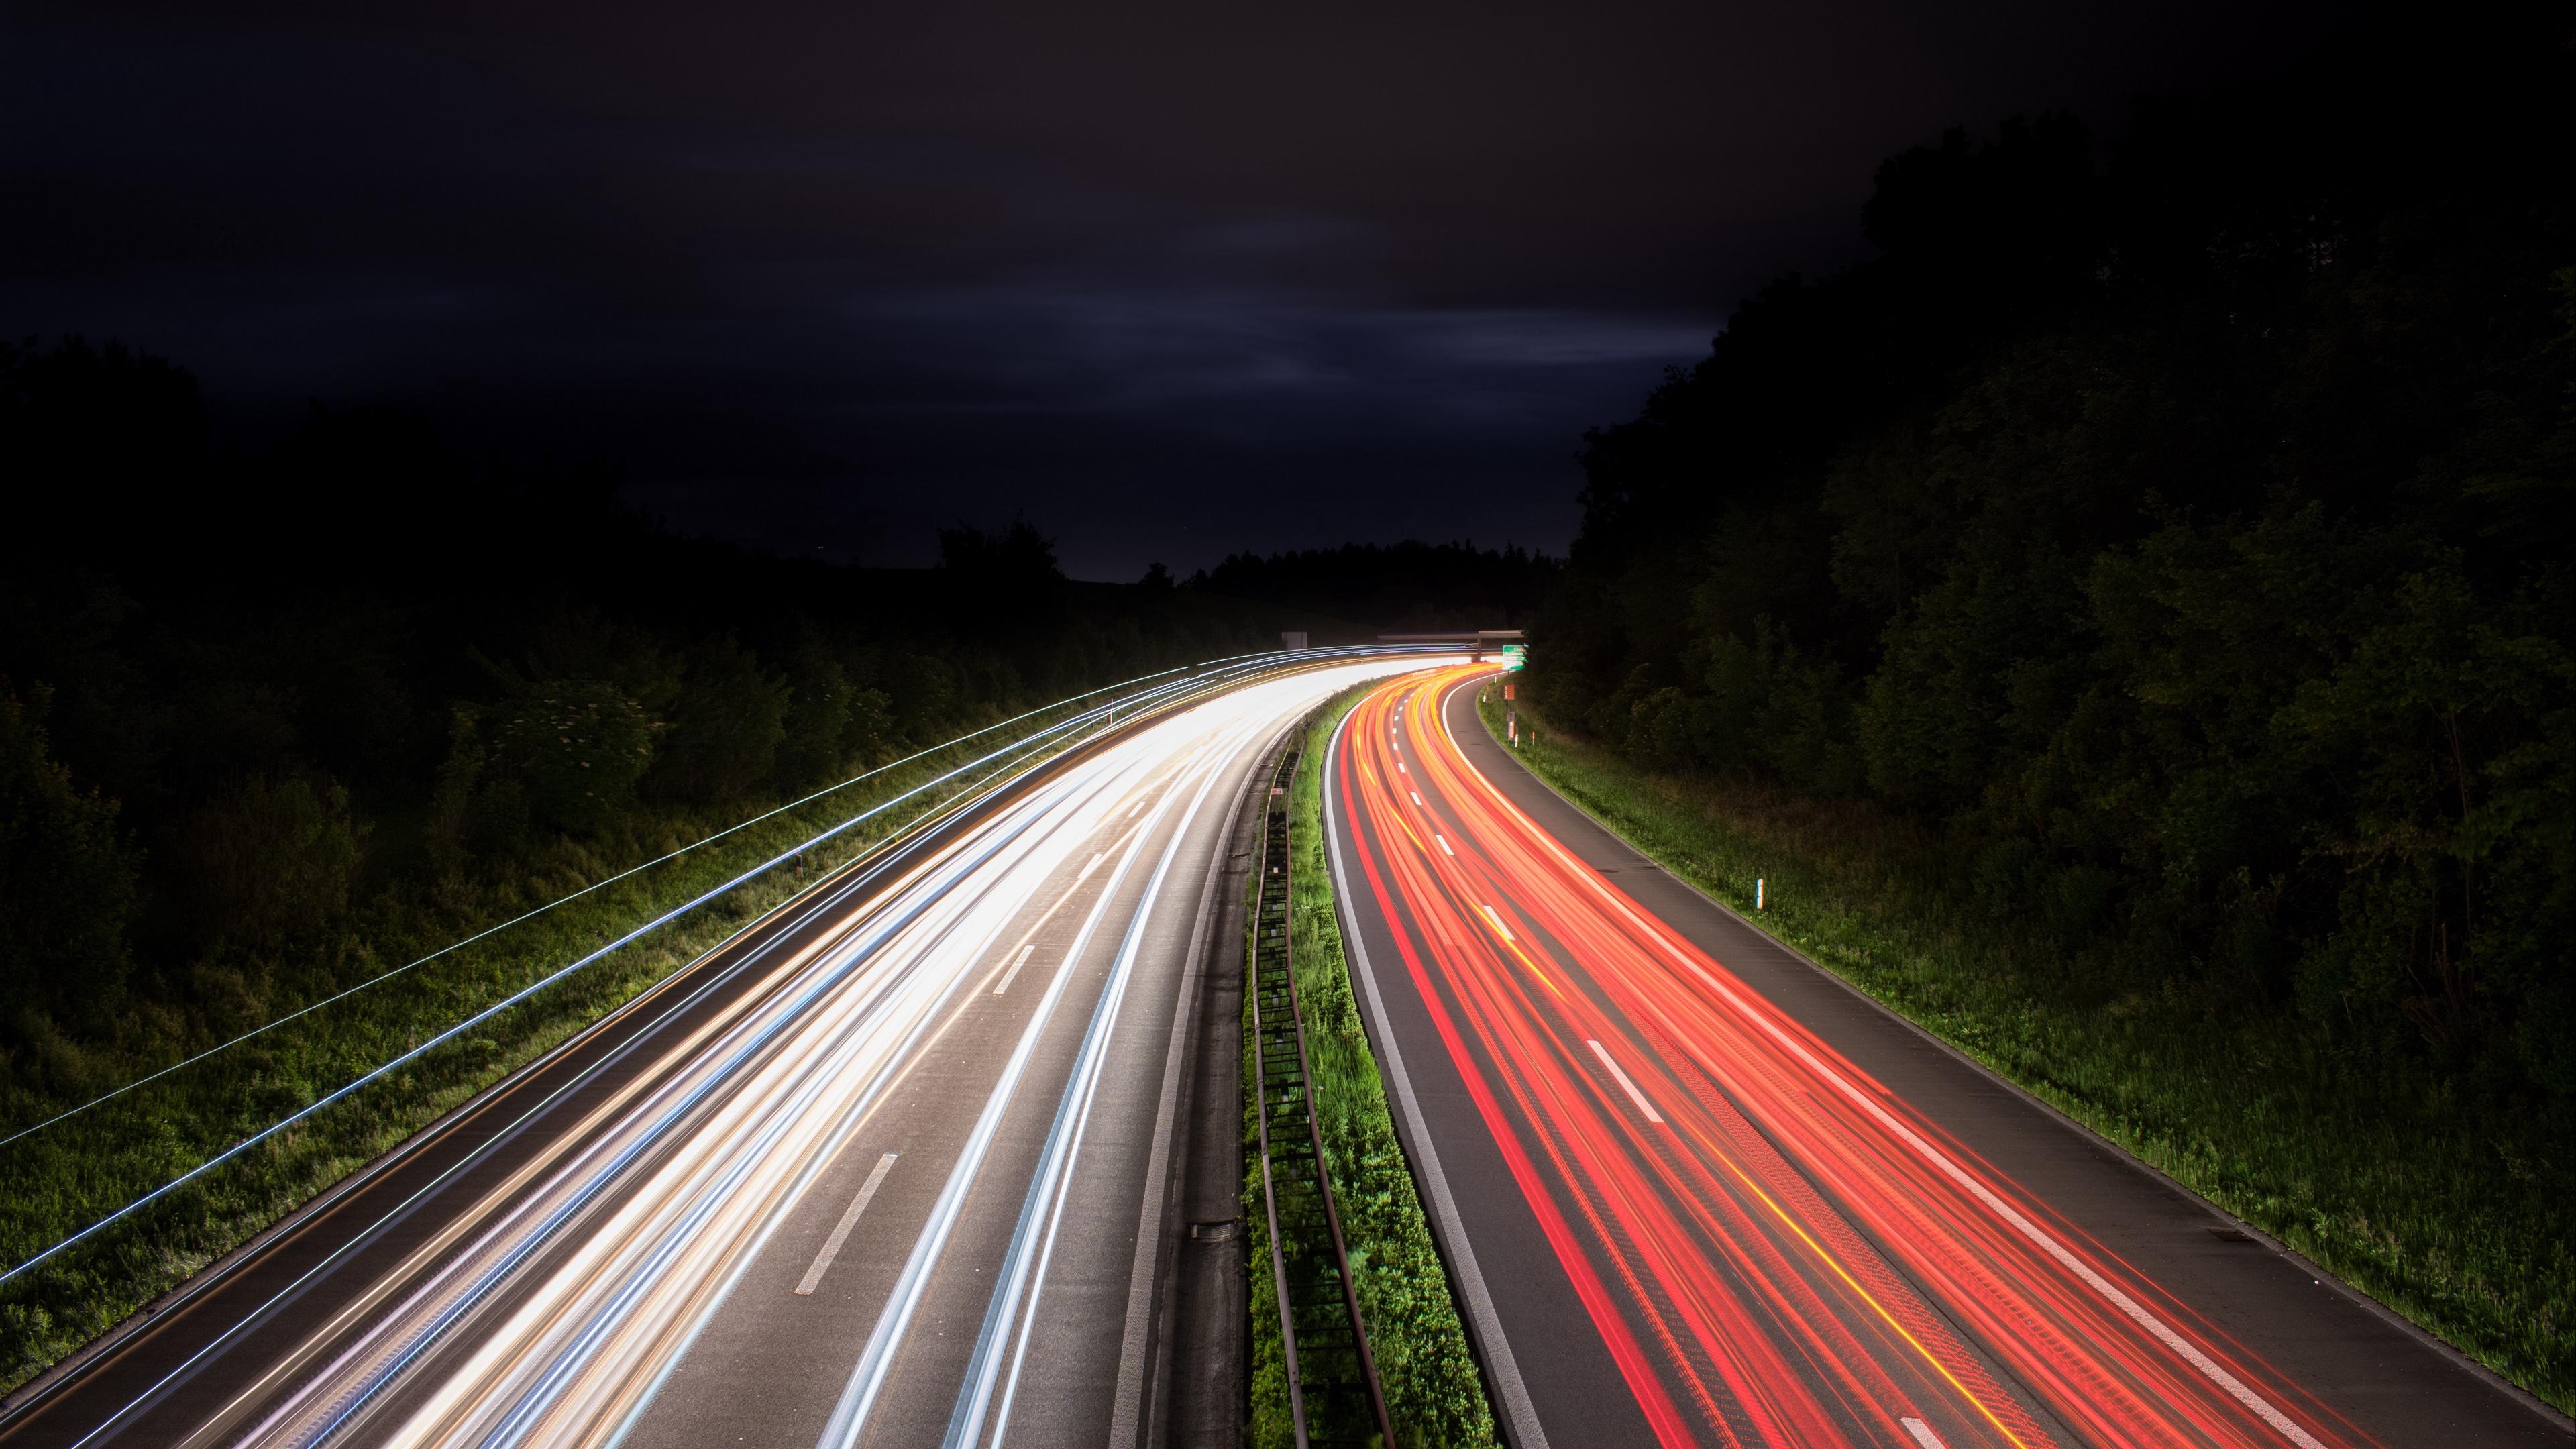 road lights turn lighting night 4k 1541113671 - road, lights, turn, lighting, night 4k - turn, Road, Lights